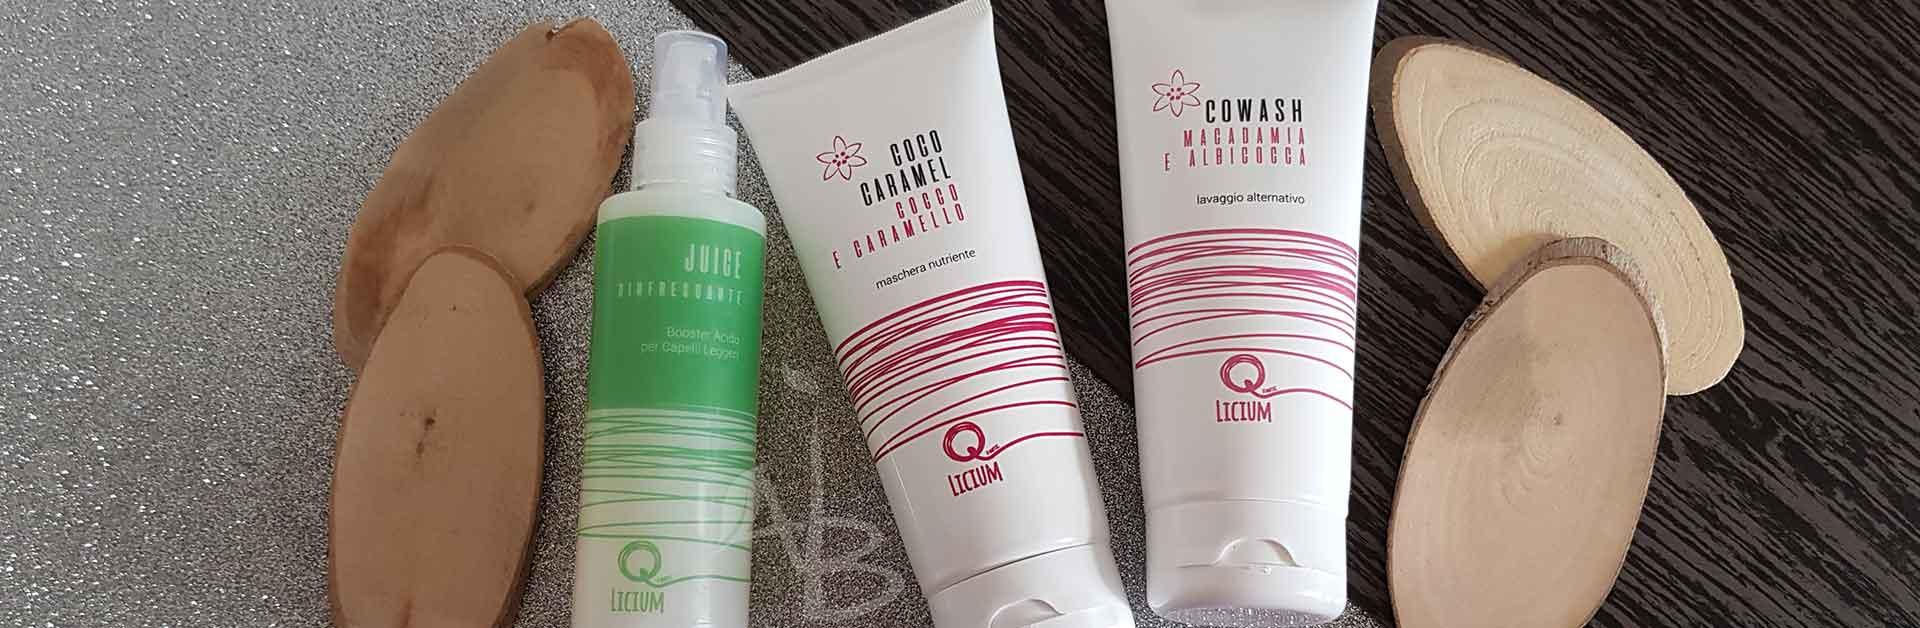 Le referenze per la cura dei capelli di Quantic Licium